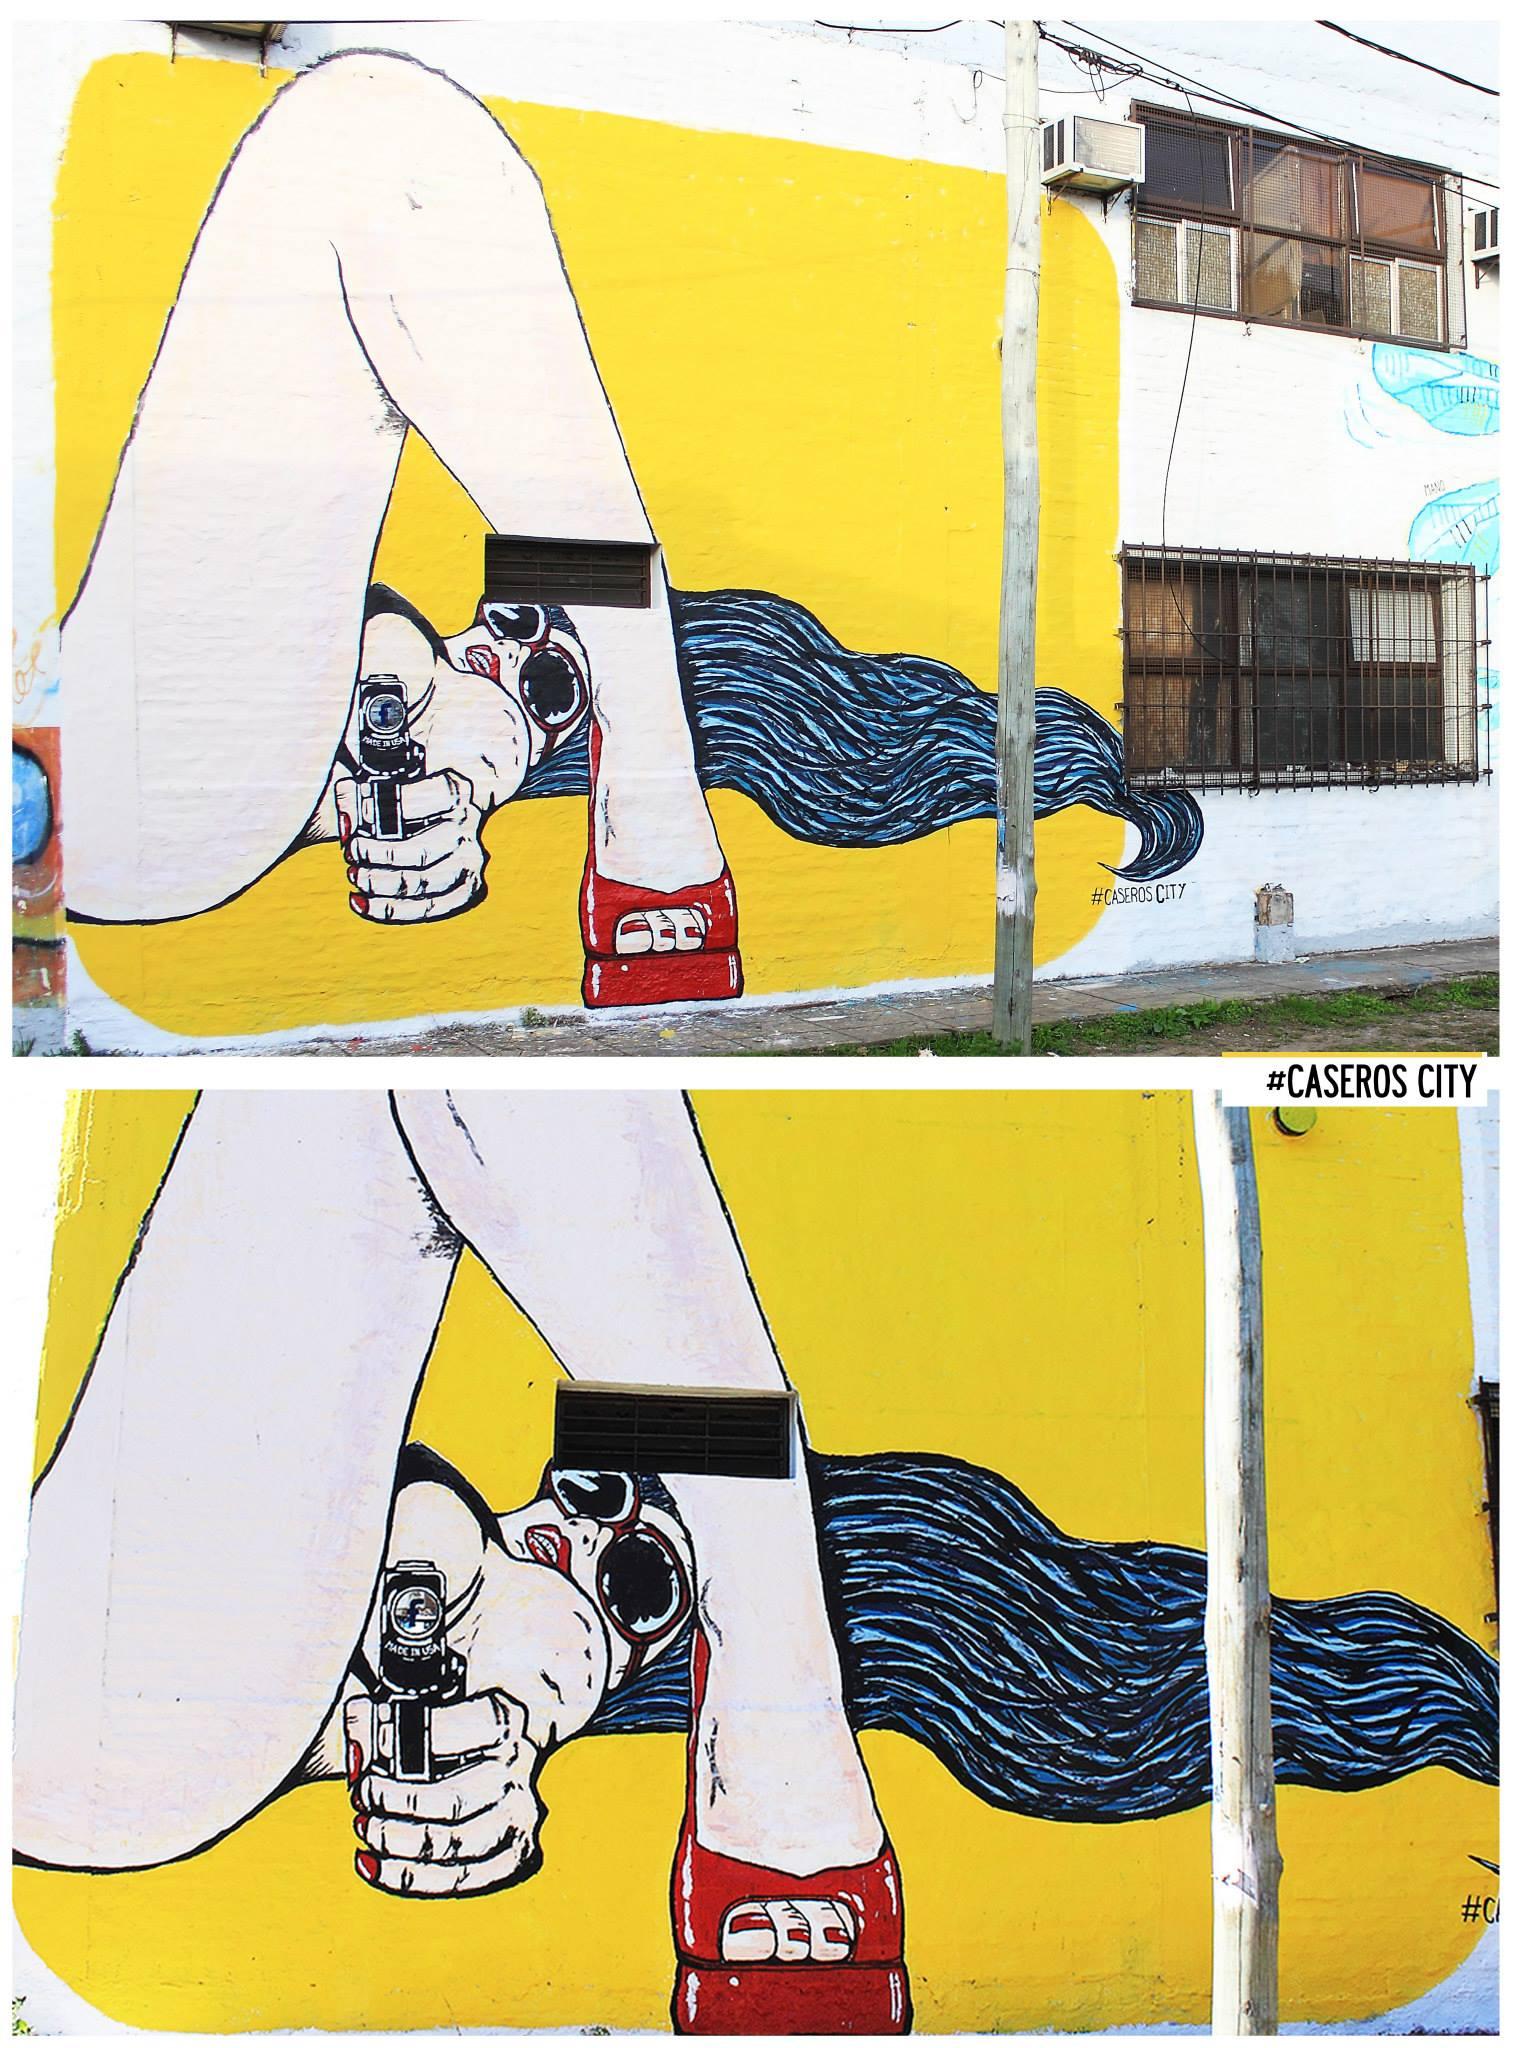 Mural Facebook